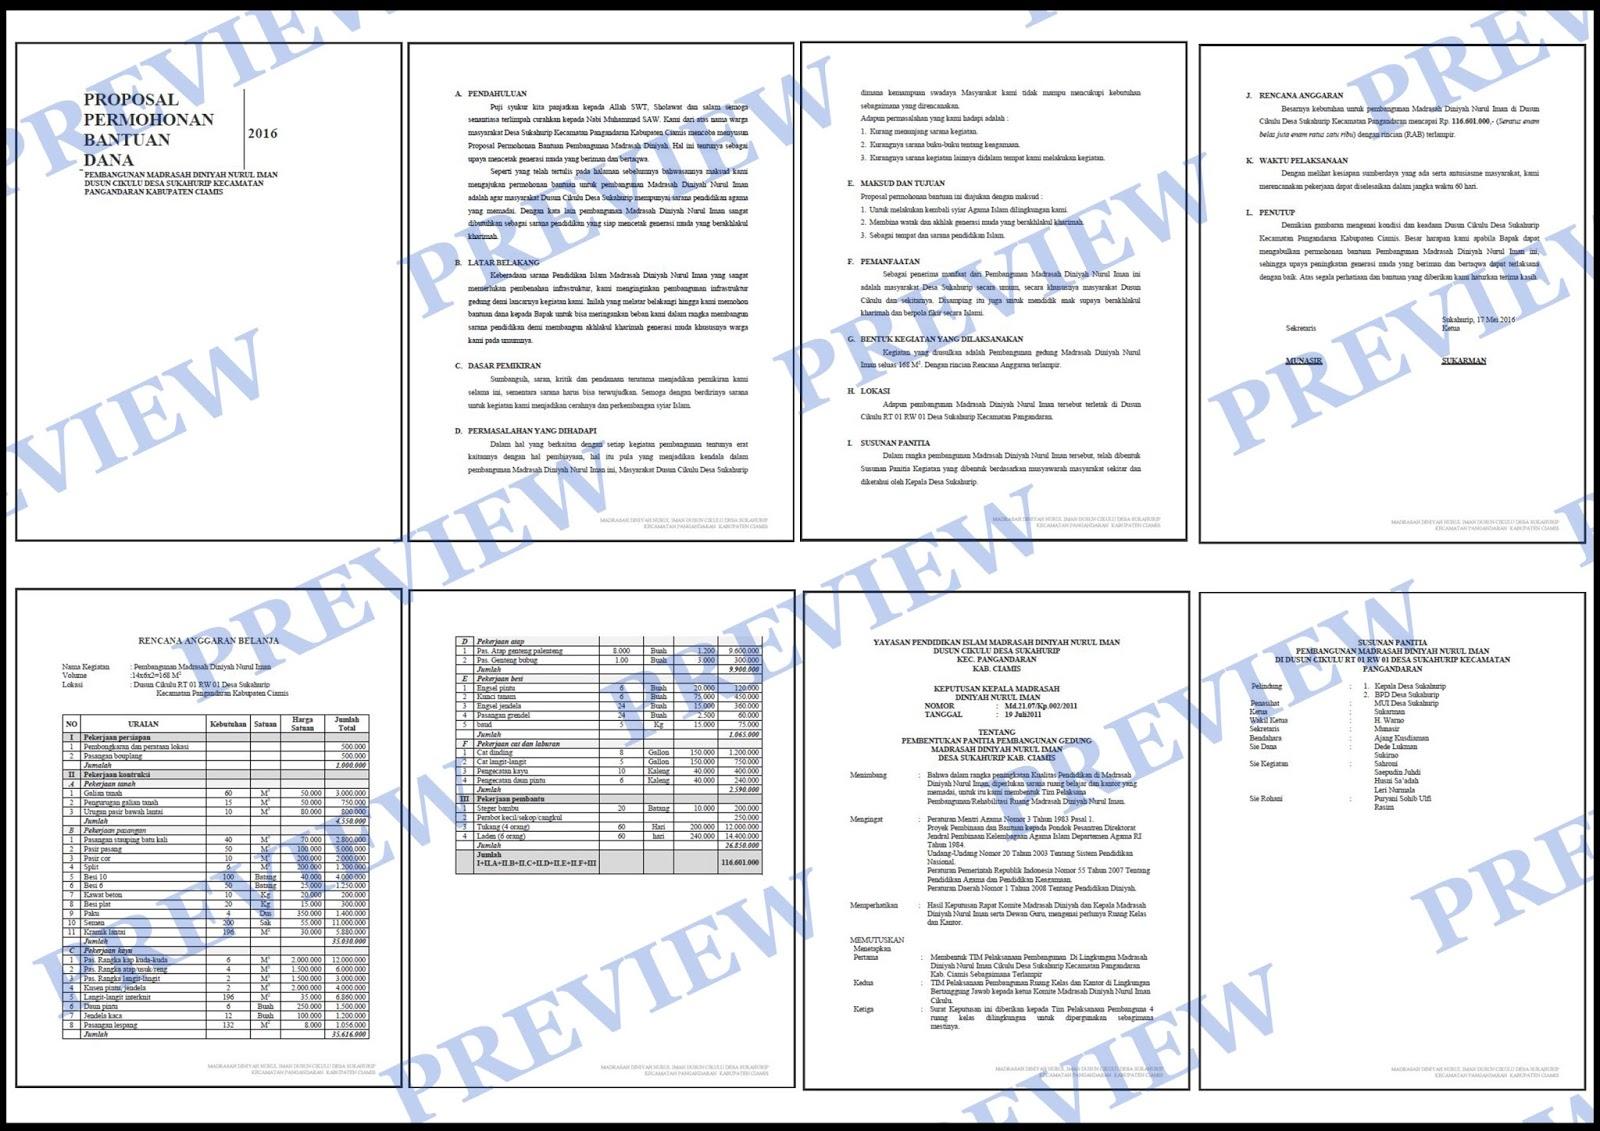 Contoh Proposal Permohonan Bantuan Dana Pembangunan Madrasah ~ KUMPULAN SURAT PENTING